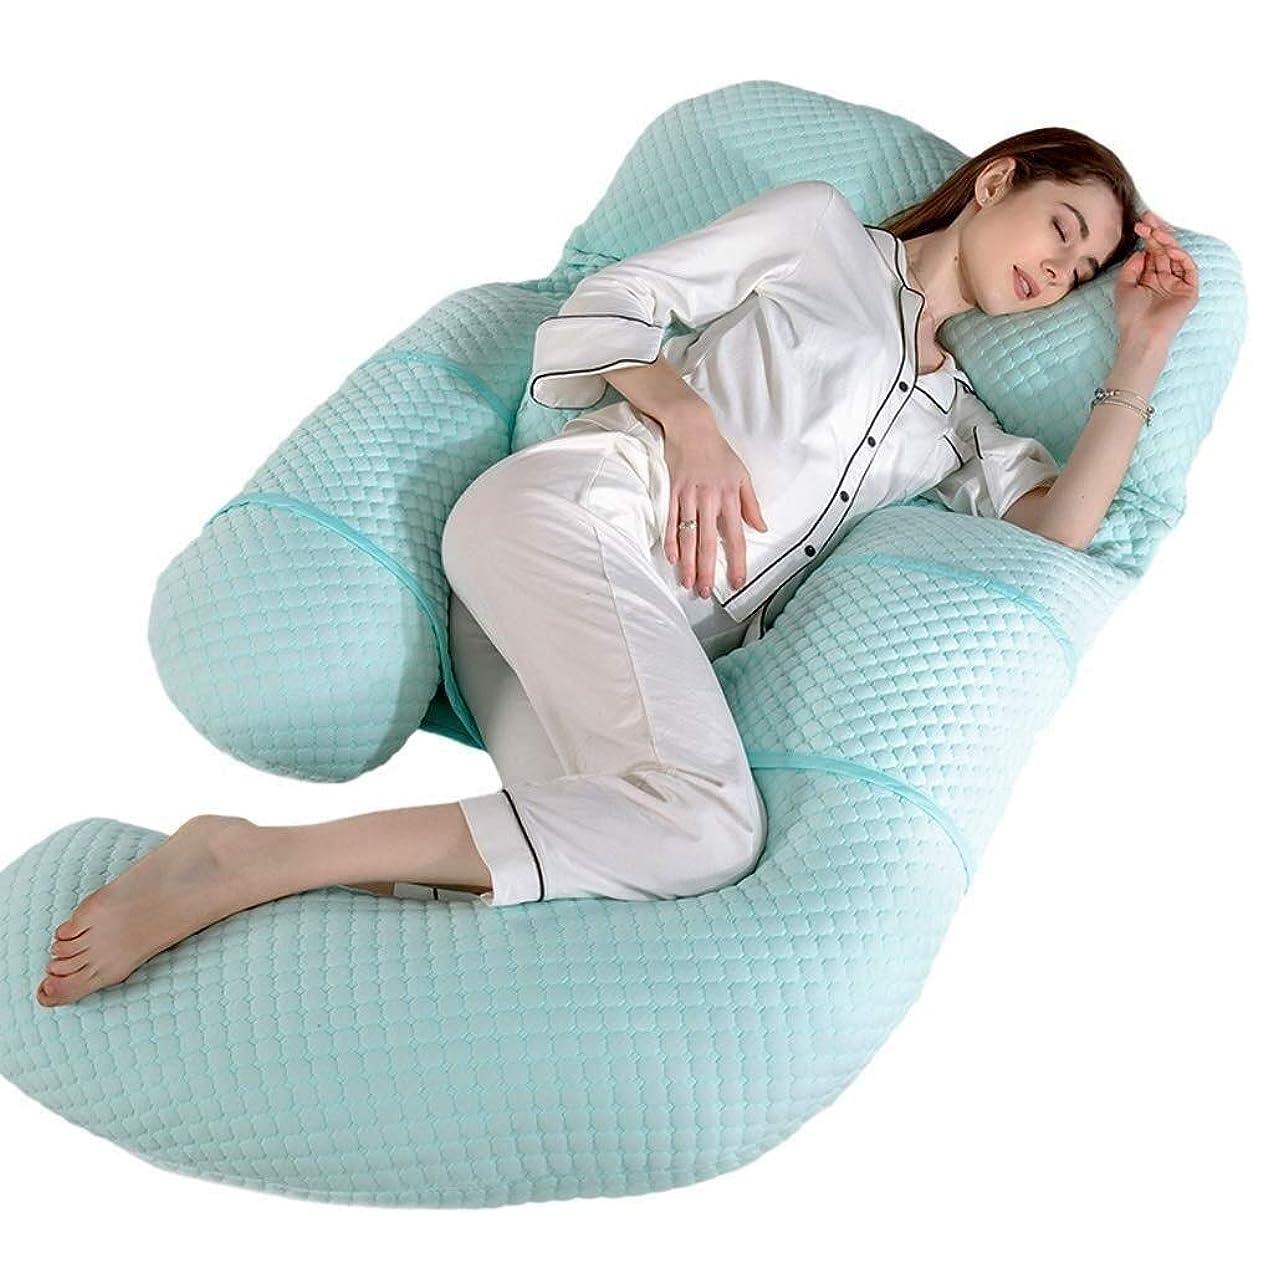 アプローチ毛細血管見分ける妊娠枕、U字型全身枕マタニティサポート取り外し可能な延長-背中、腰、脚、腹部をサポート